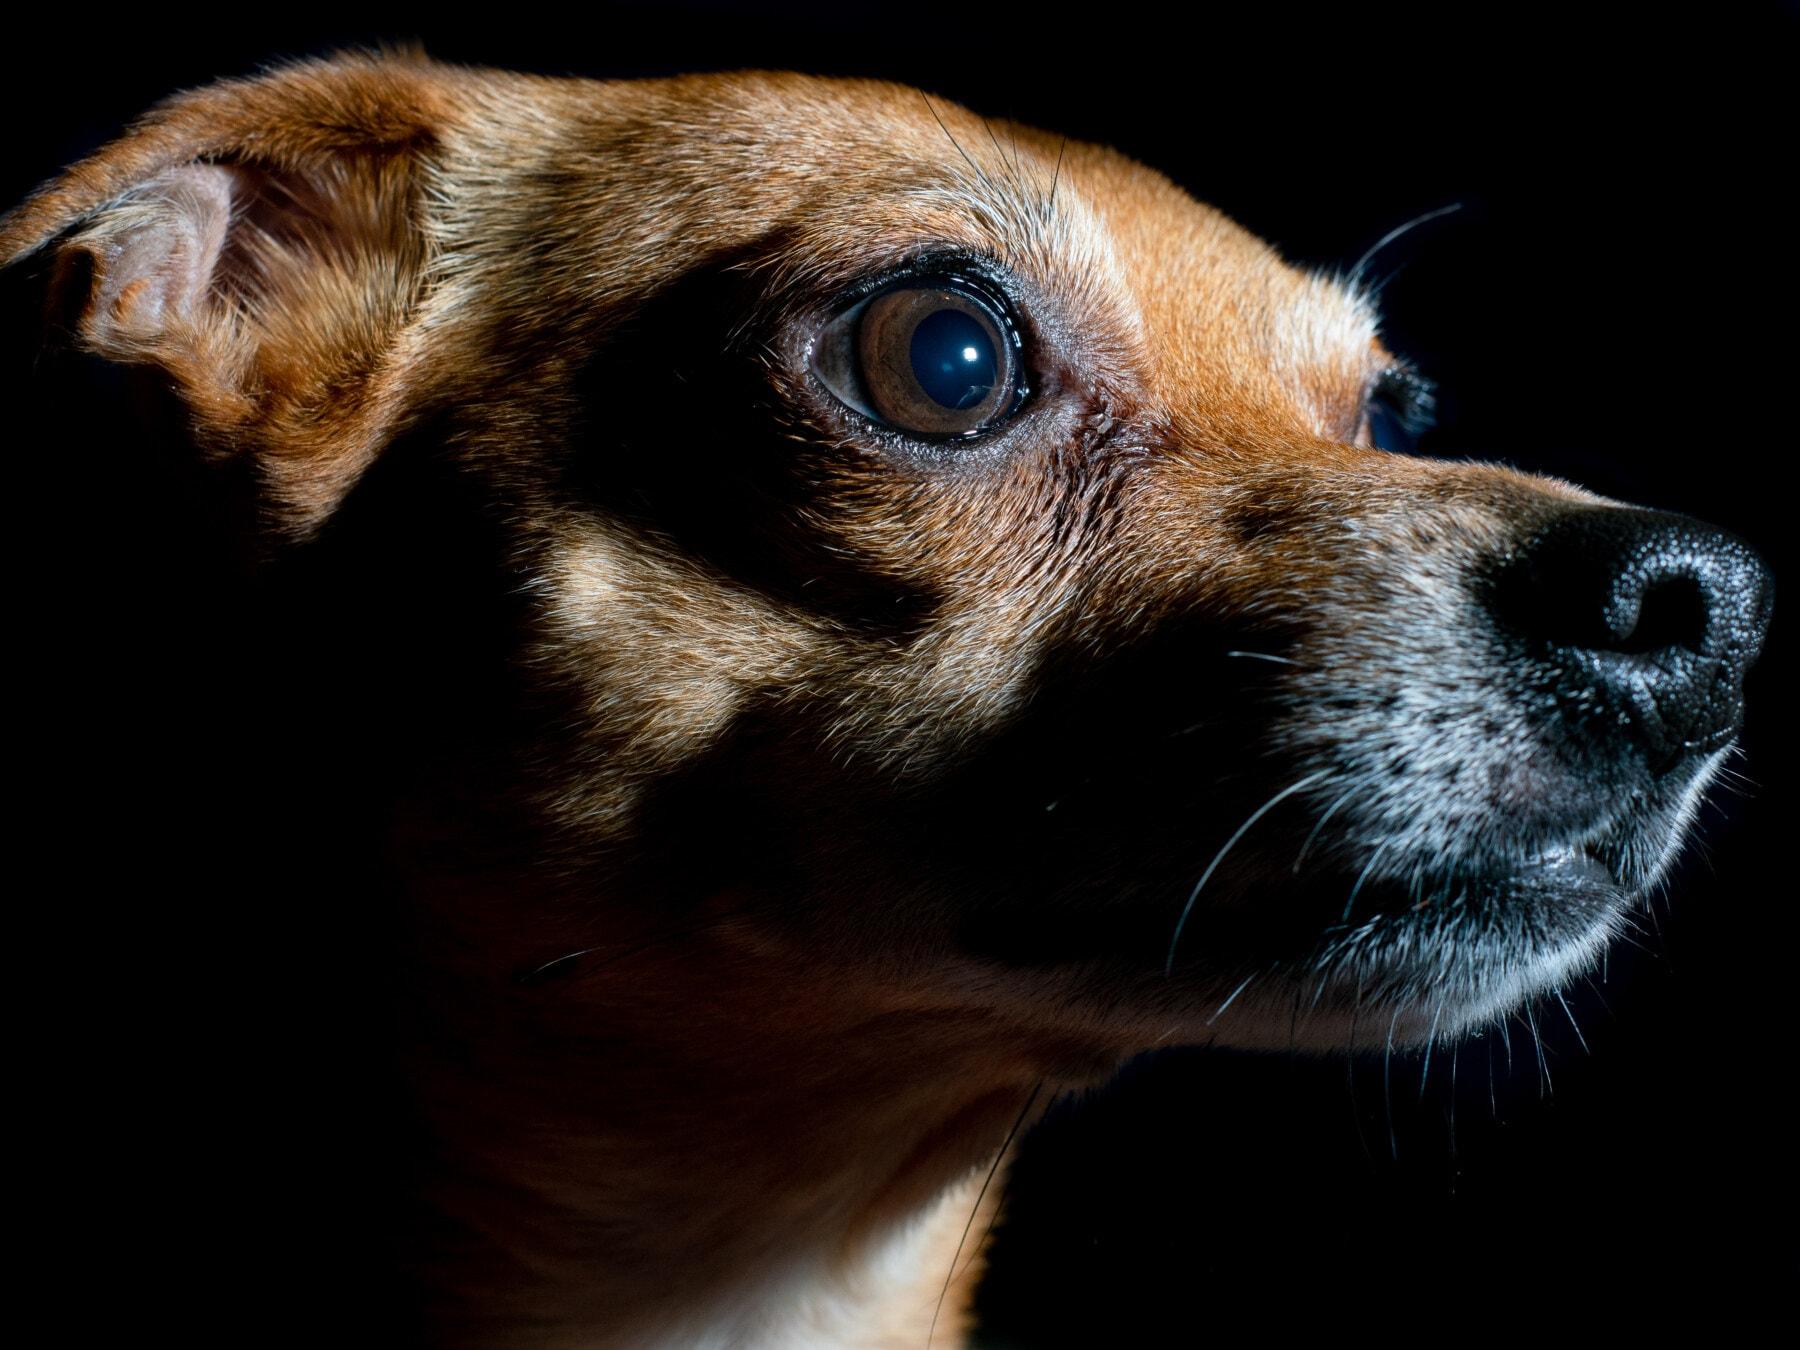 hunden, nært hold, stående, bilde studio, øye, nese, lys brun, rase, søt, kjæledyr